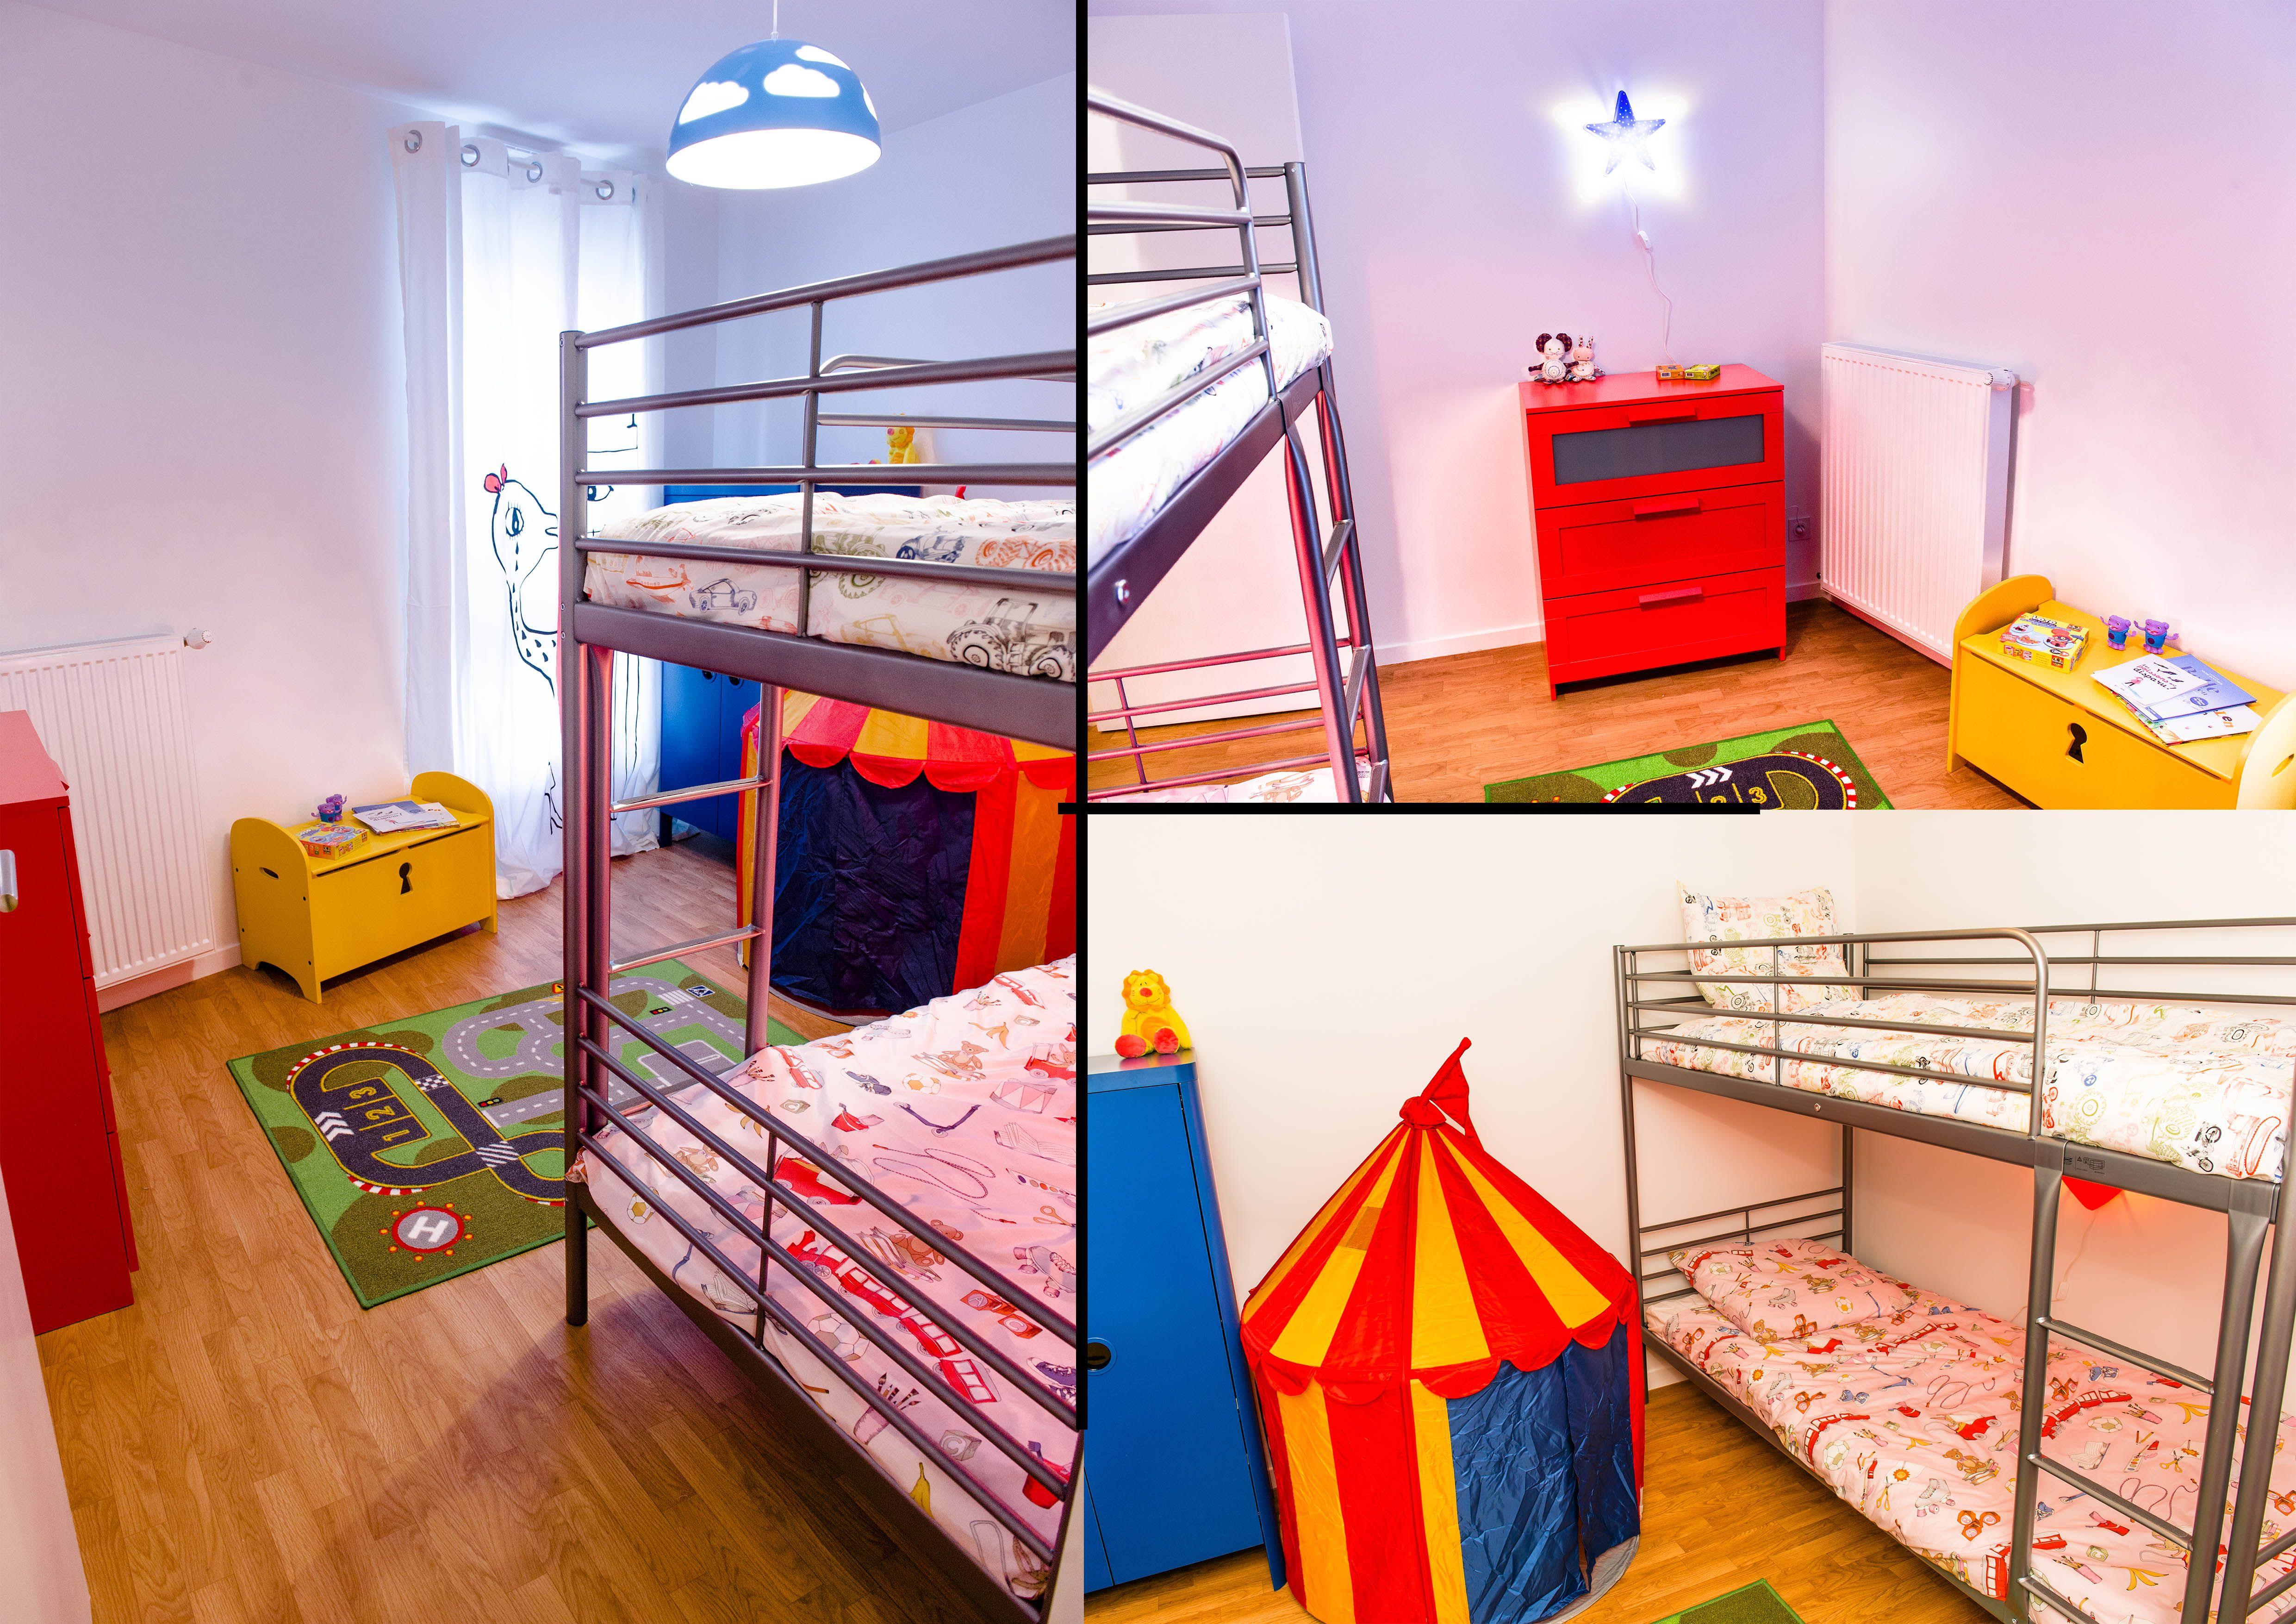 décoration d une chambre pour deux enfants avec espace jeu toile